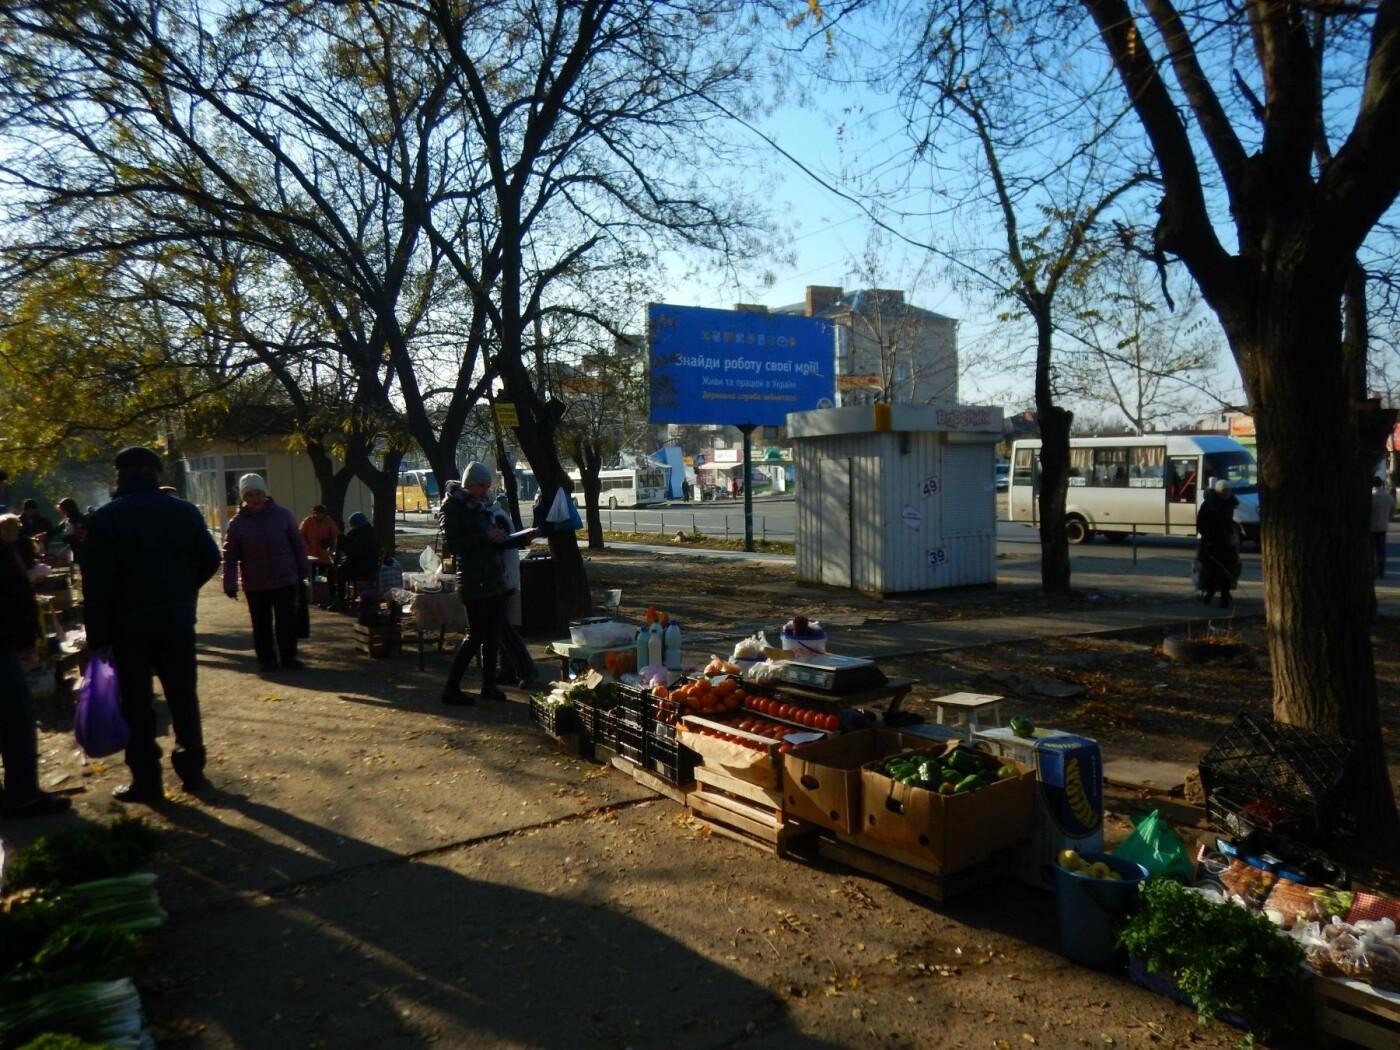 Администрация оштрафовала 5 точек незаконной торговли на 6-й Слободской , фото-3